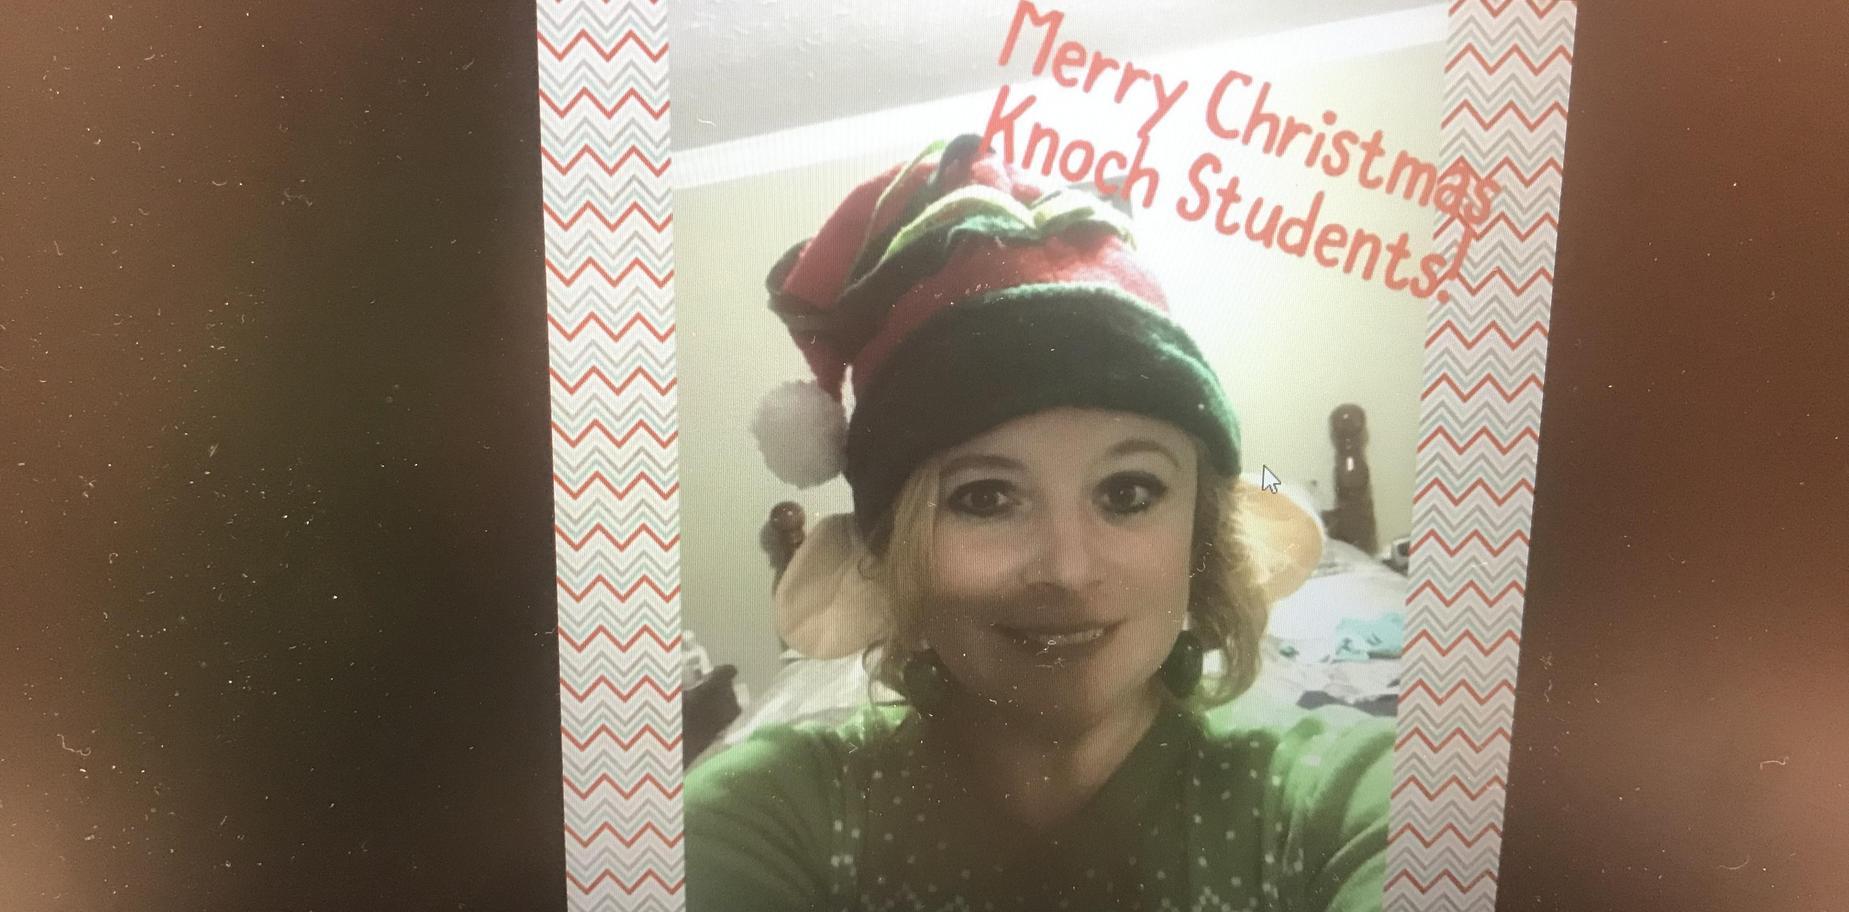 Mrs. White in elf hat